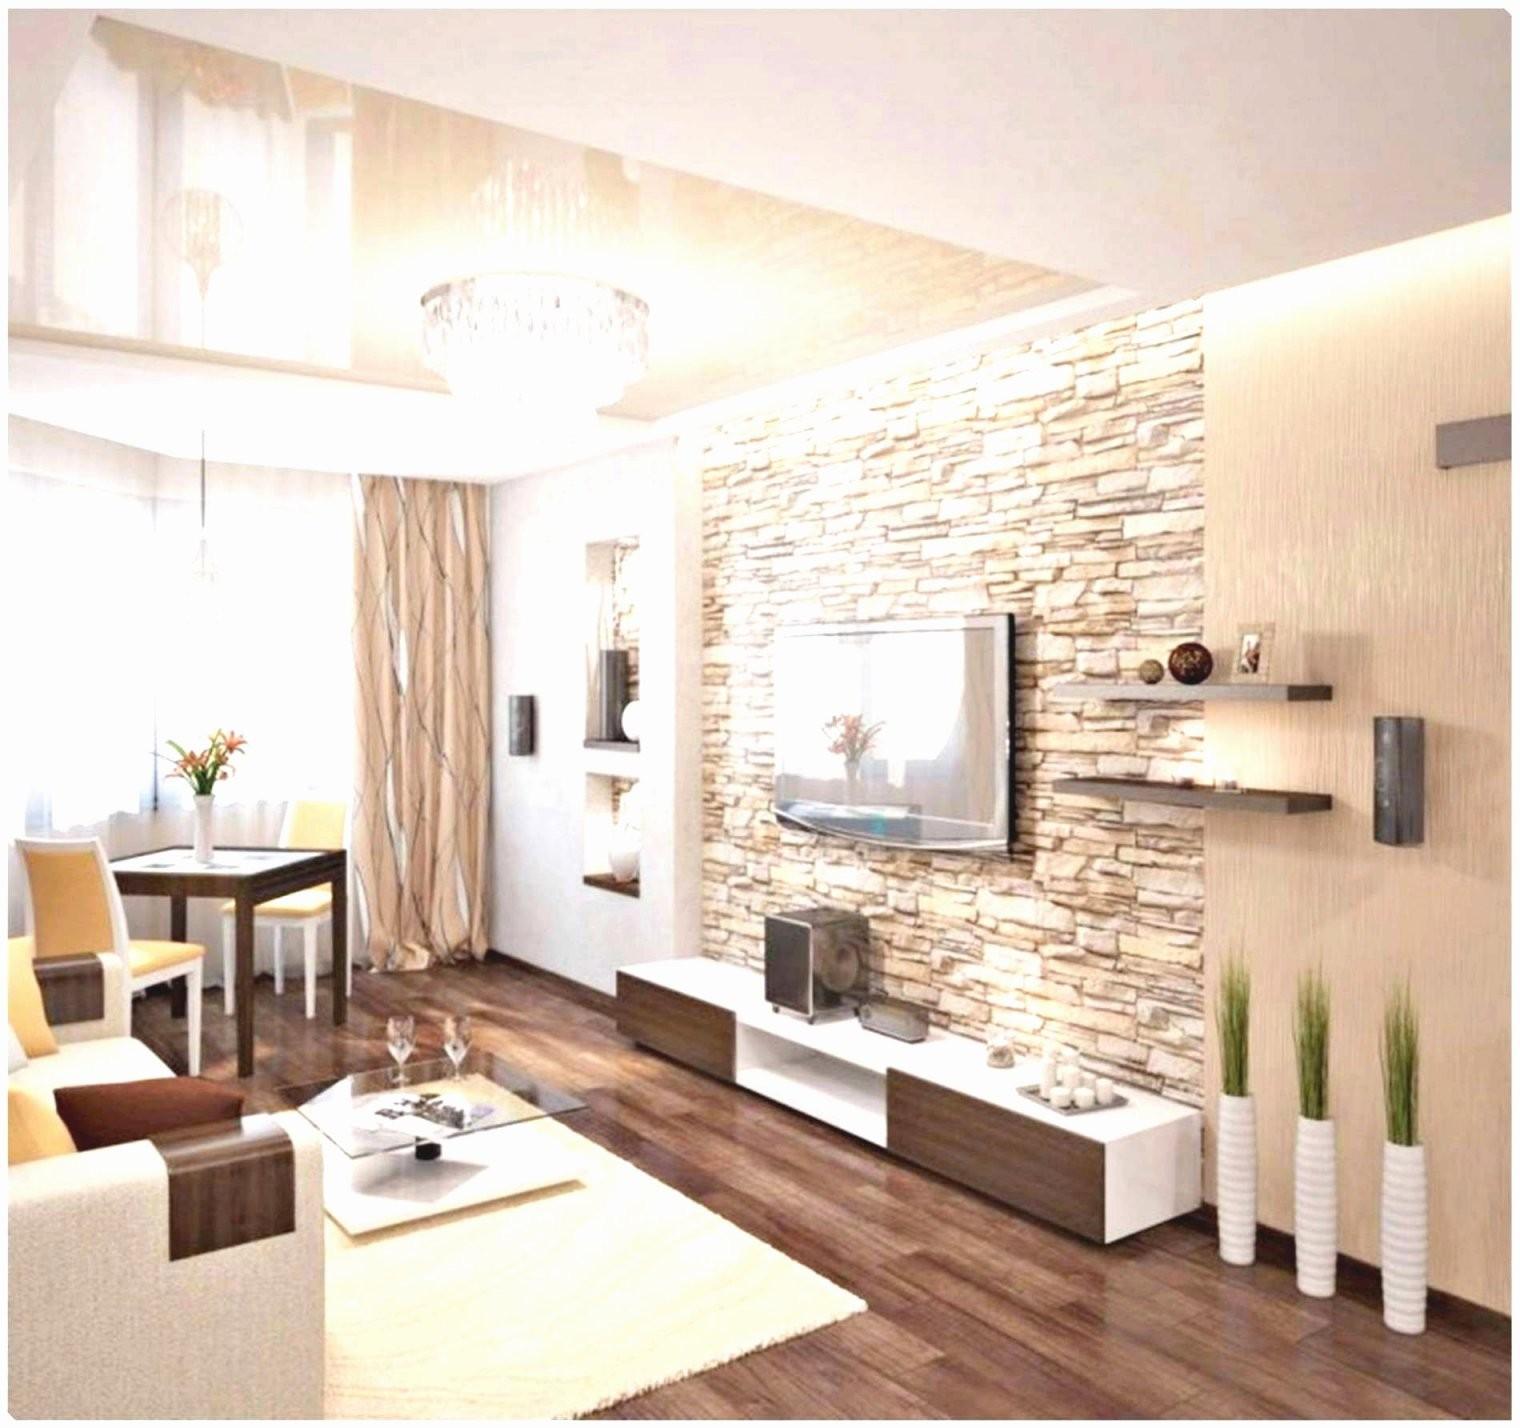 Dekoideen Wohnzimmer Selber Machen Design Der Diesjährige Trend von Wohnzimmer Deko Selber Machen Bild